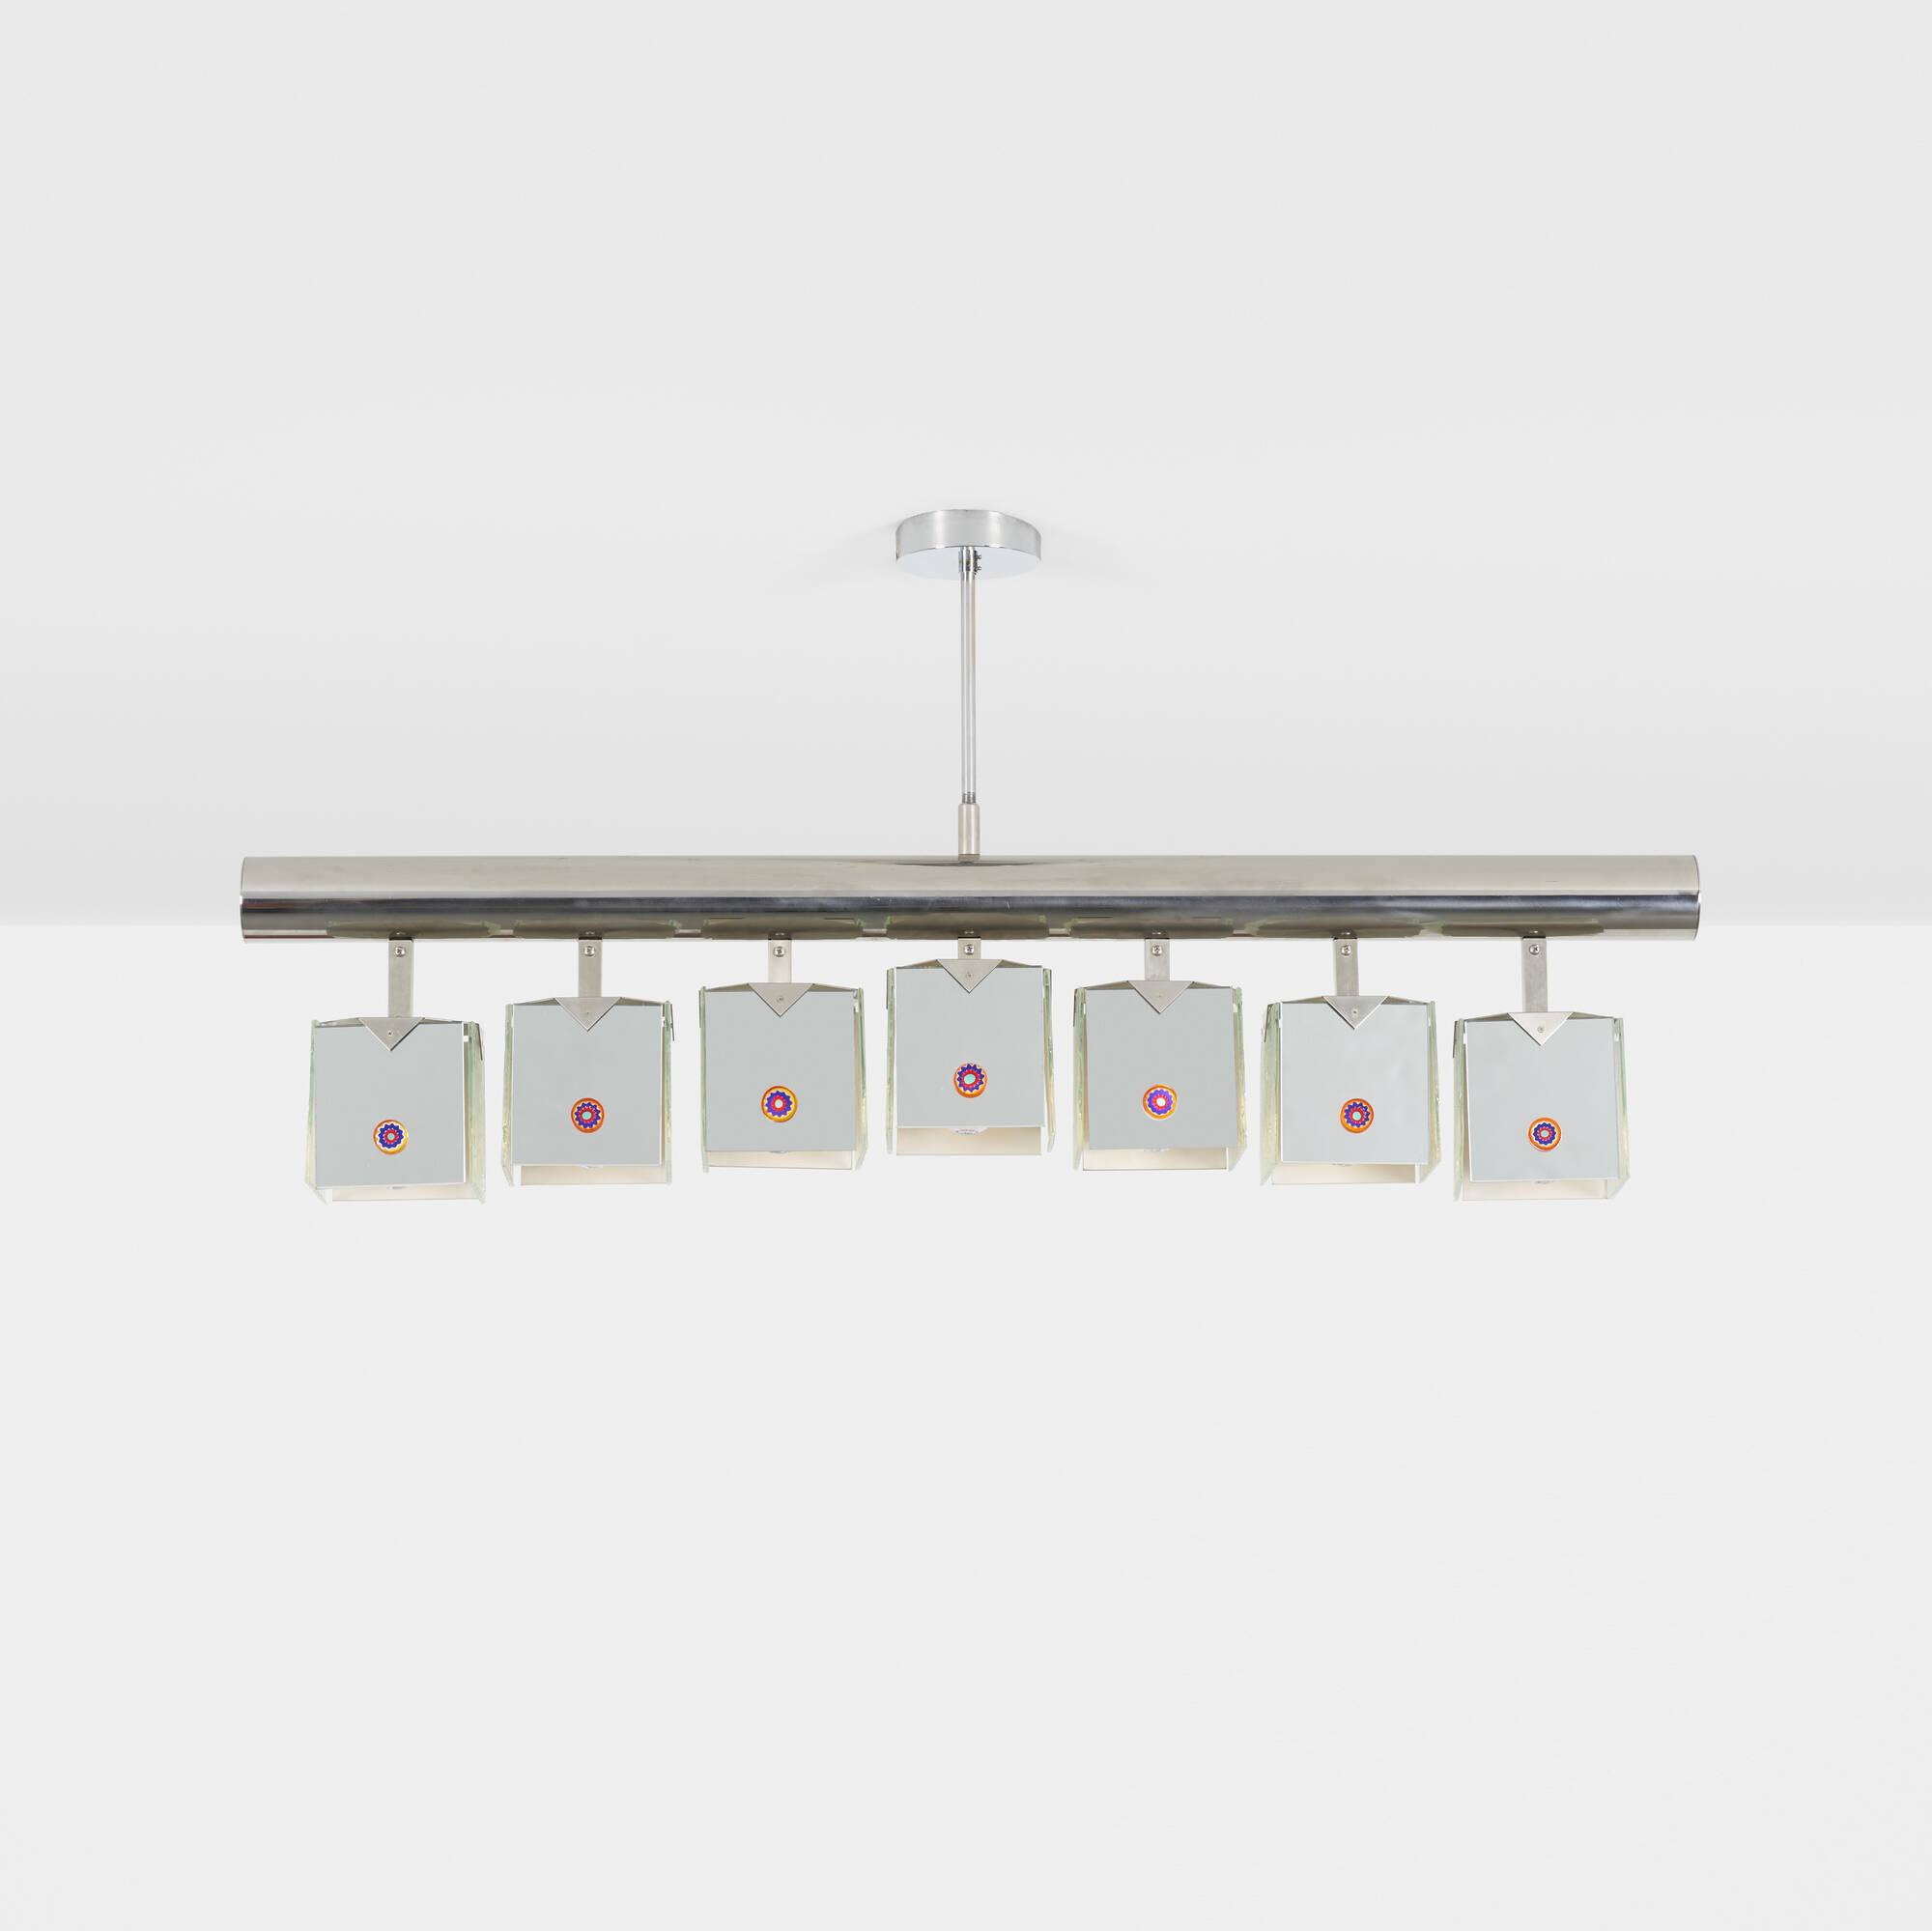 214: Angelo Lelii / Murrine ceiling lamp (1 of 1)